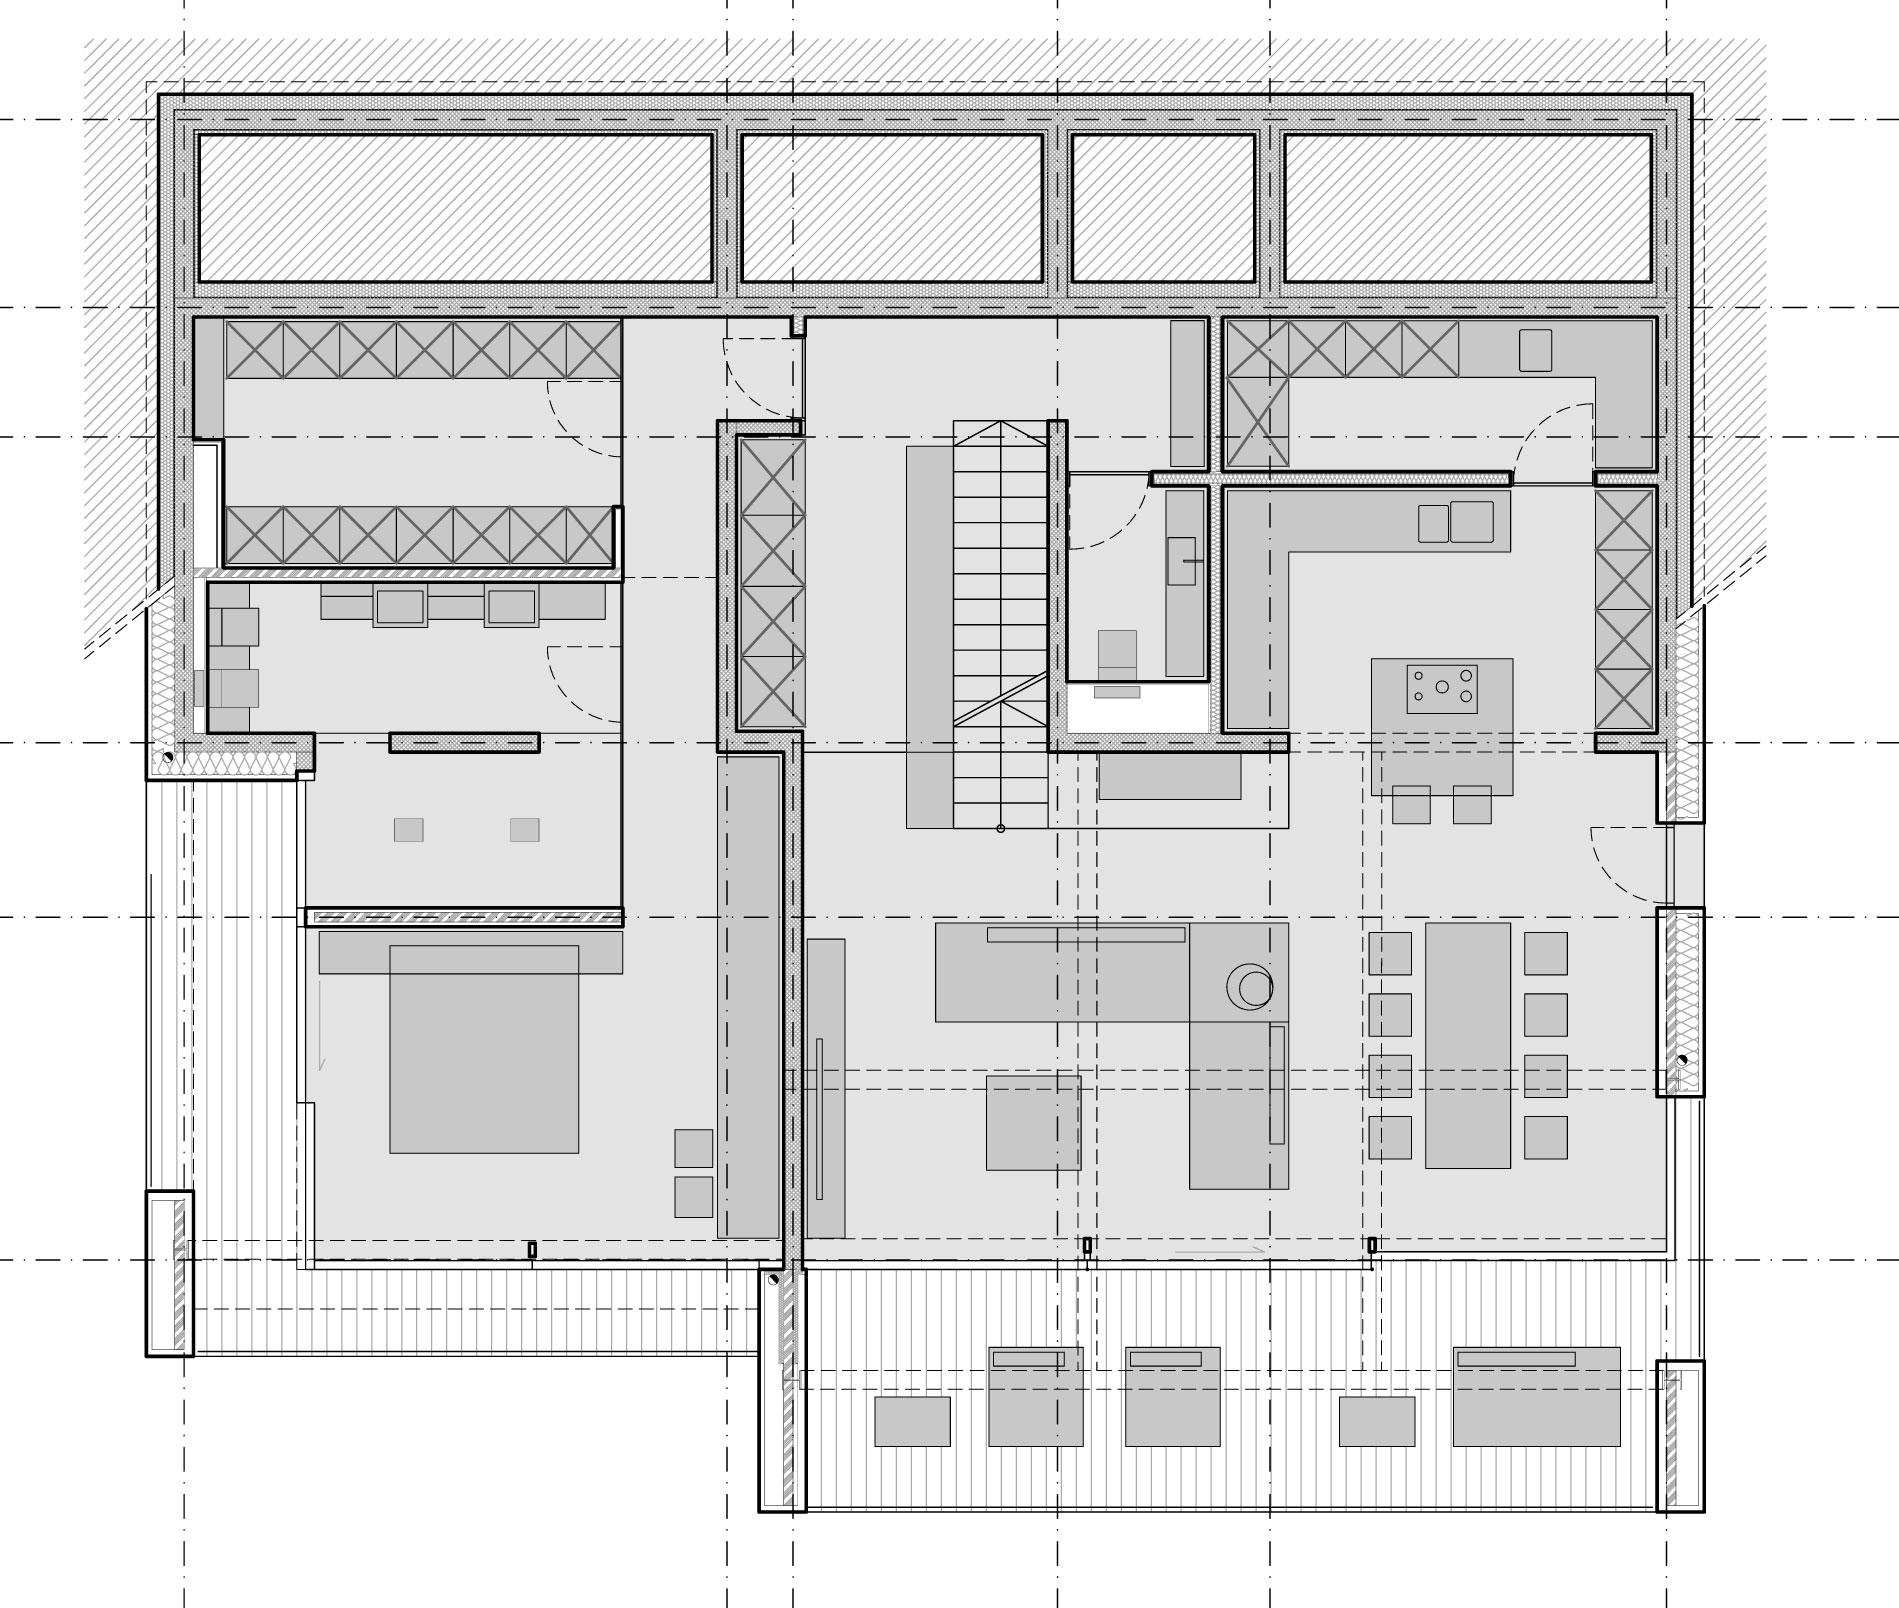 Kitzbuehel Mountain View House by SoNo arhitekti-16